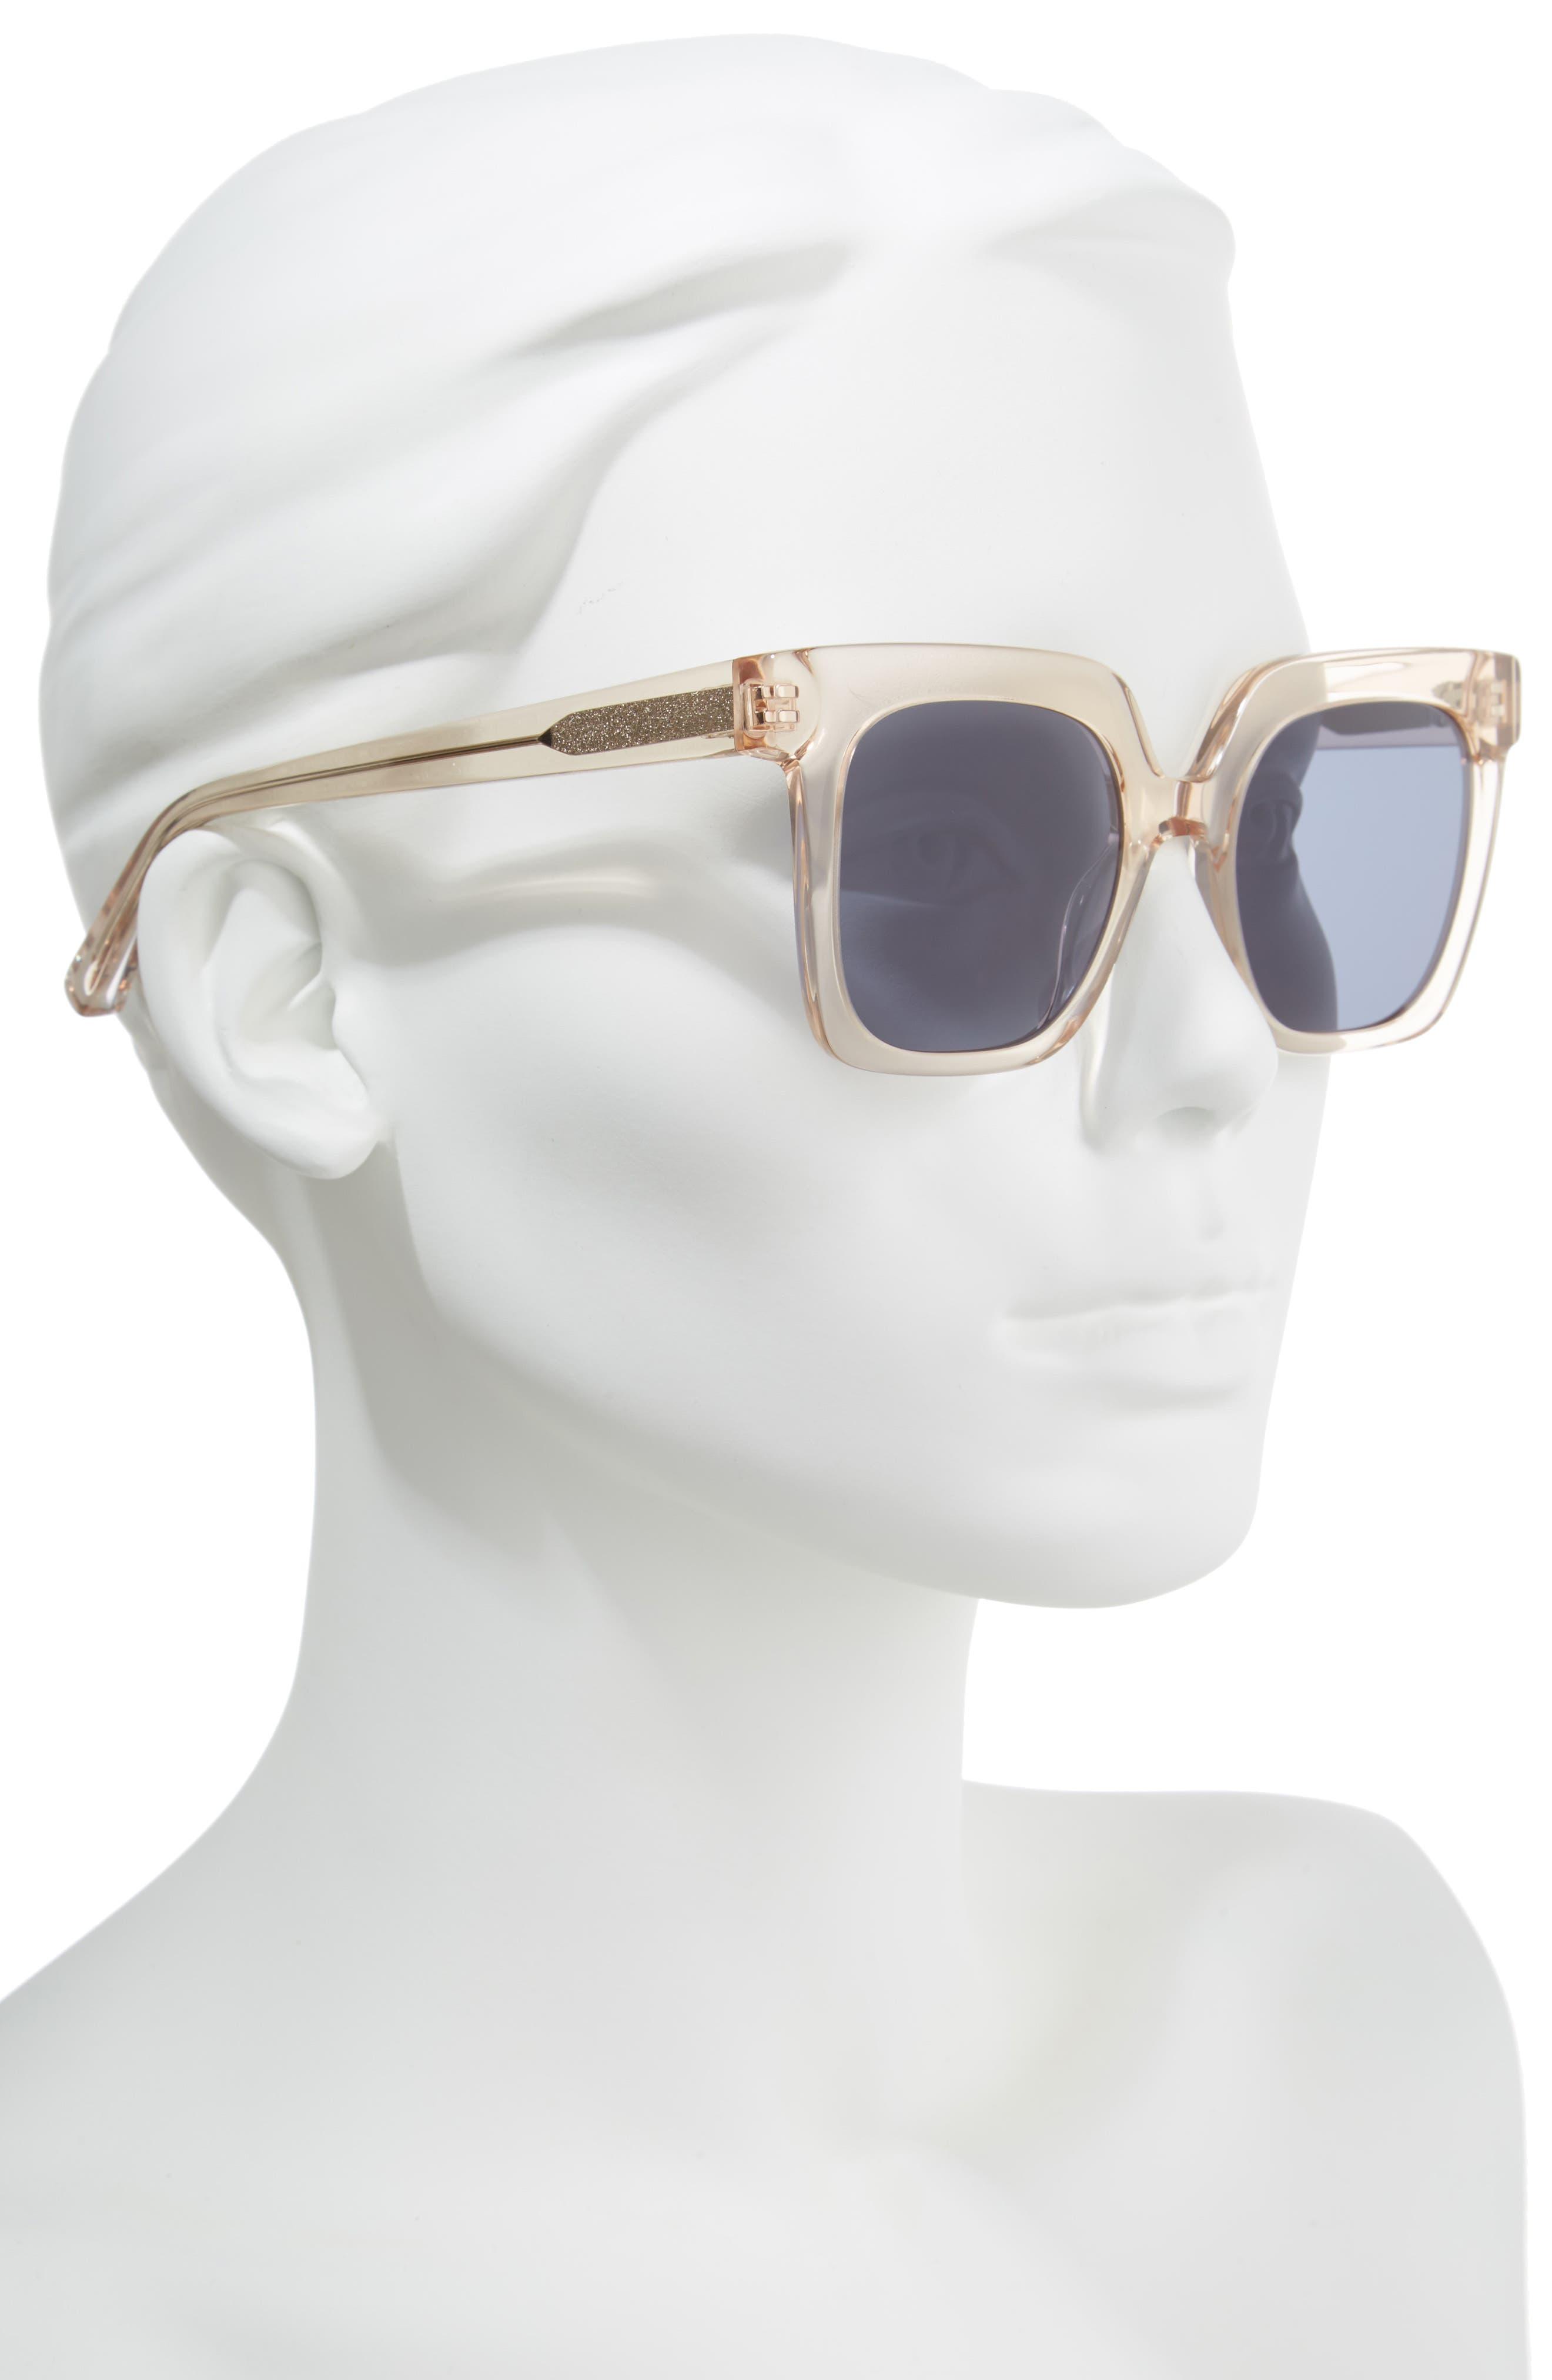 Rae 51mm Square Sunglasses,                             Alternate thumbnail 5, color,